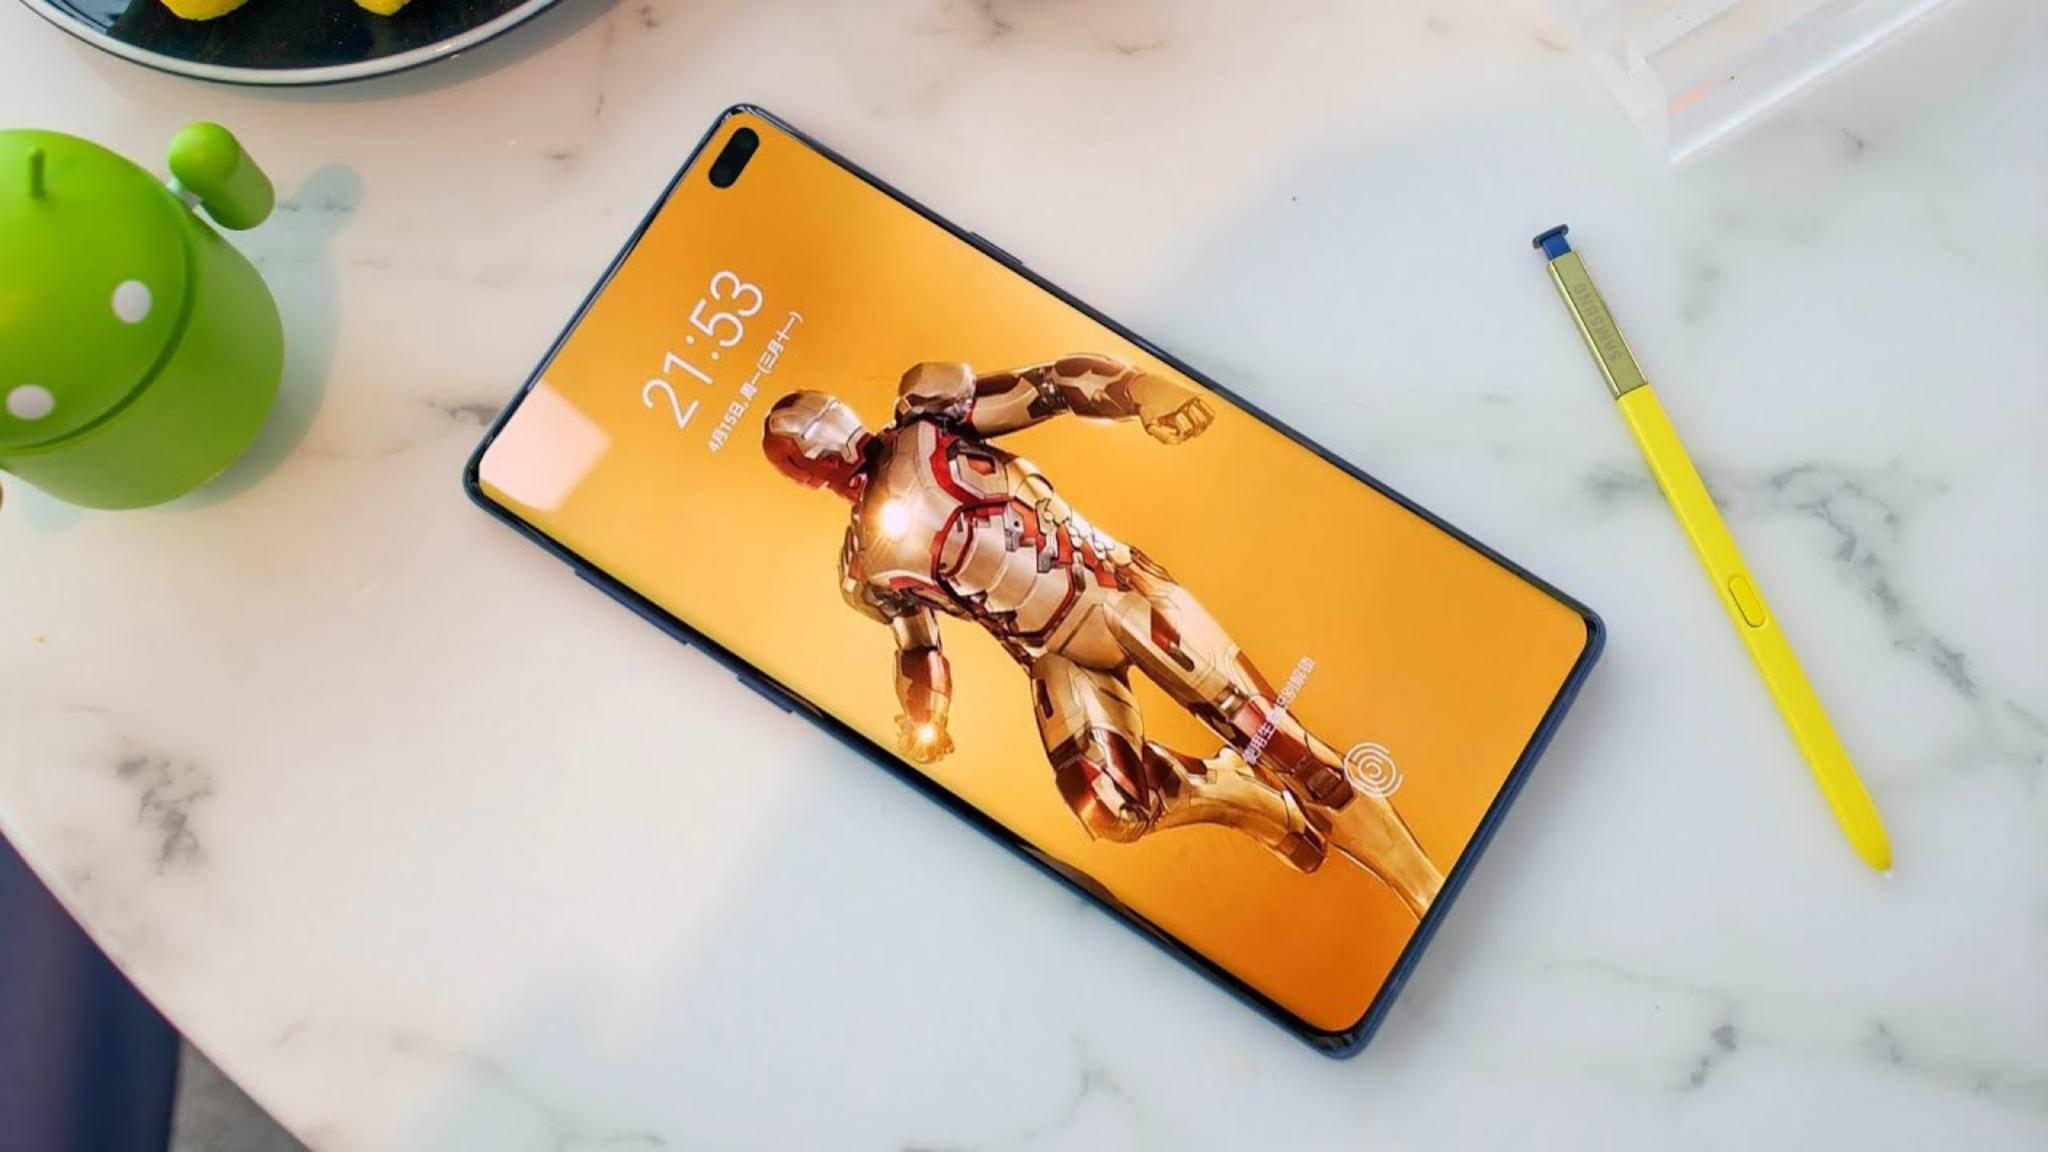 Das Galaxy Note 10 könnte Fast Charging mit weit mehr als 25 Watt unterstützen.